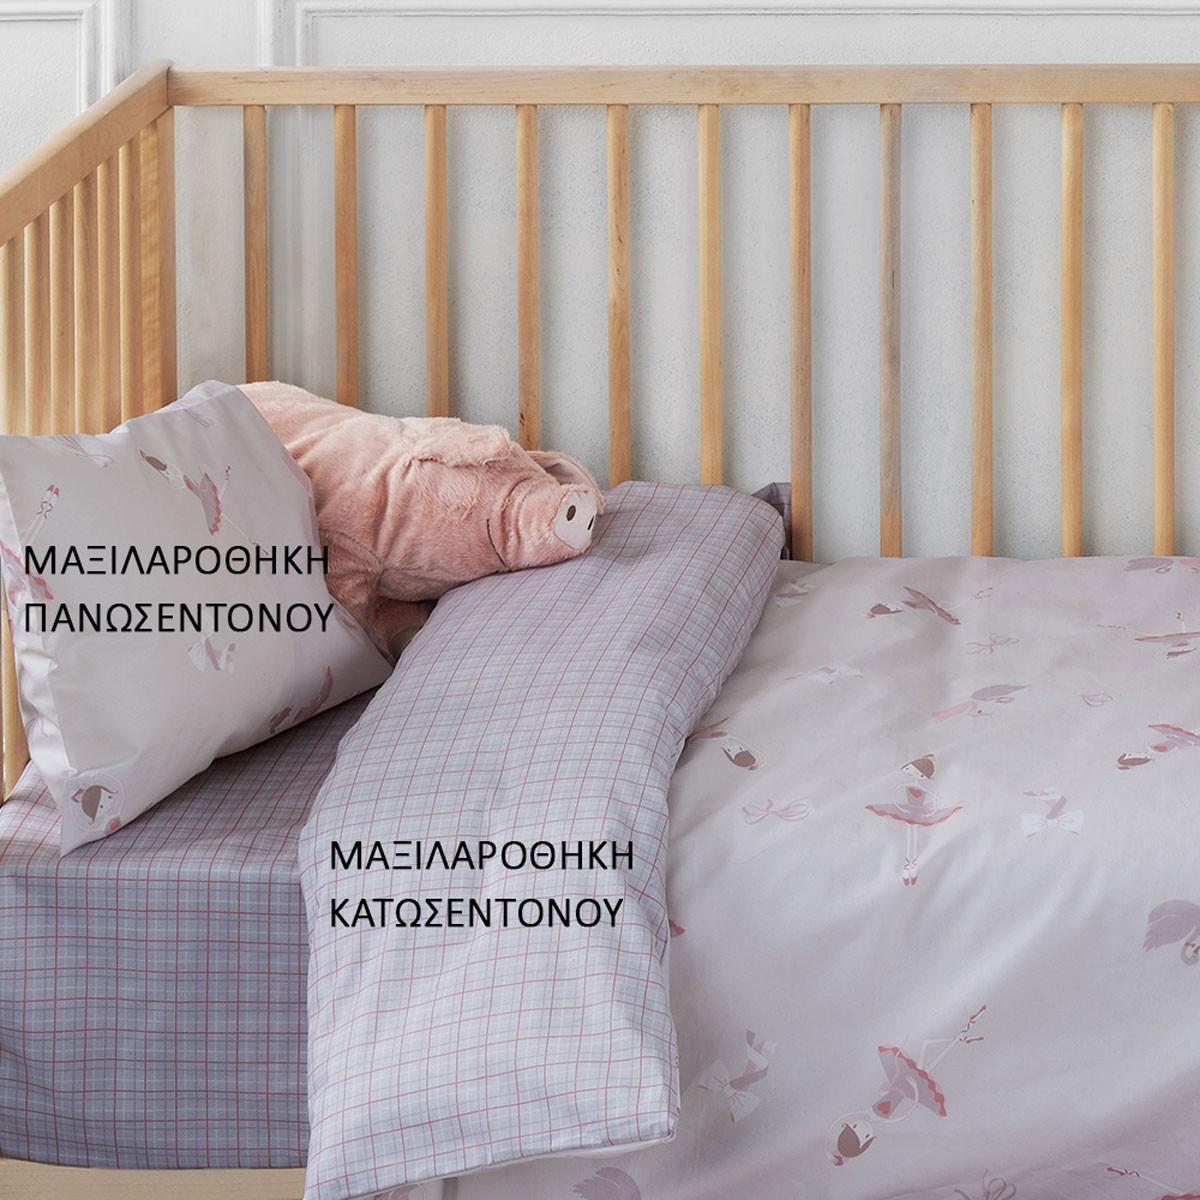 Μαξιλαροθήκη Kentia Kids Collection Tutu Μαξιλαροθήκη Κατωσέντονου Μαξιλαροθήκη  home   παιδικά   μαξιλαροθήκες παιδικές